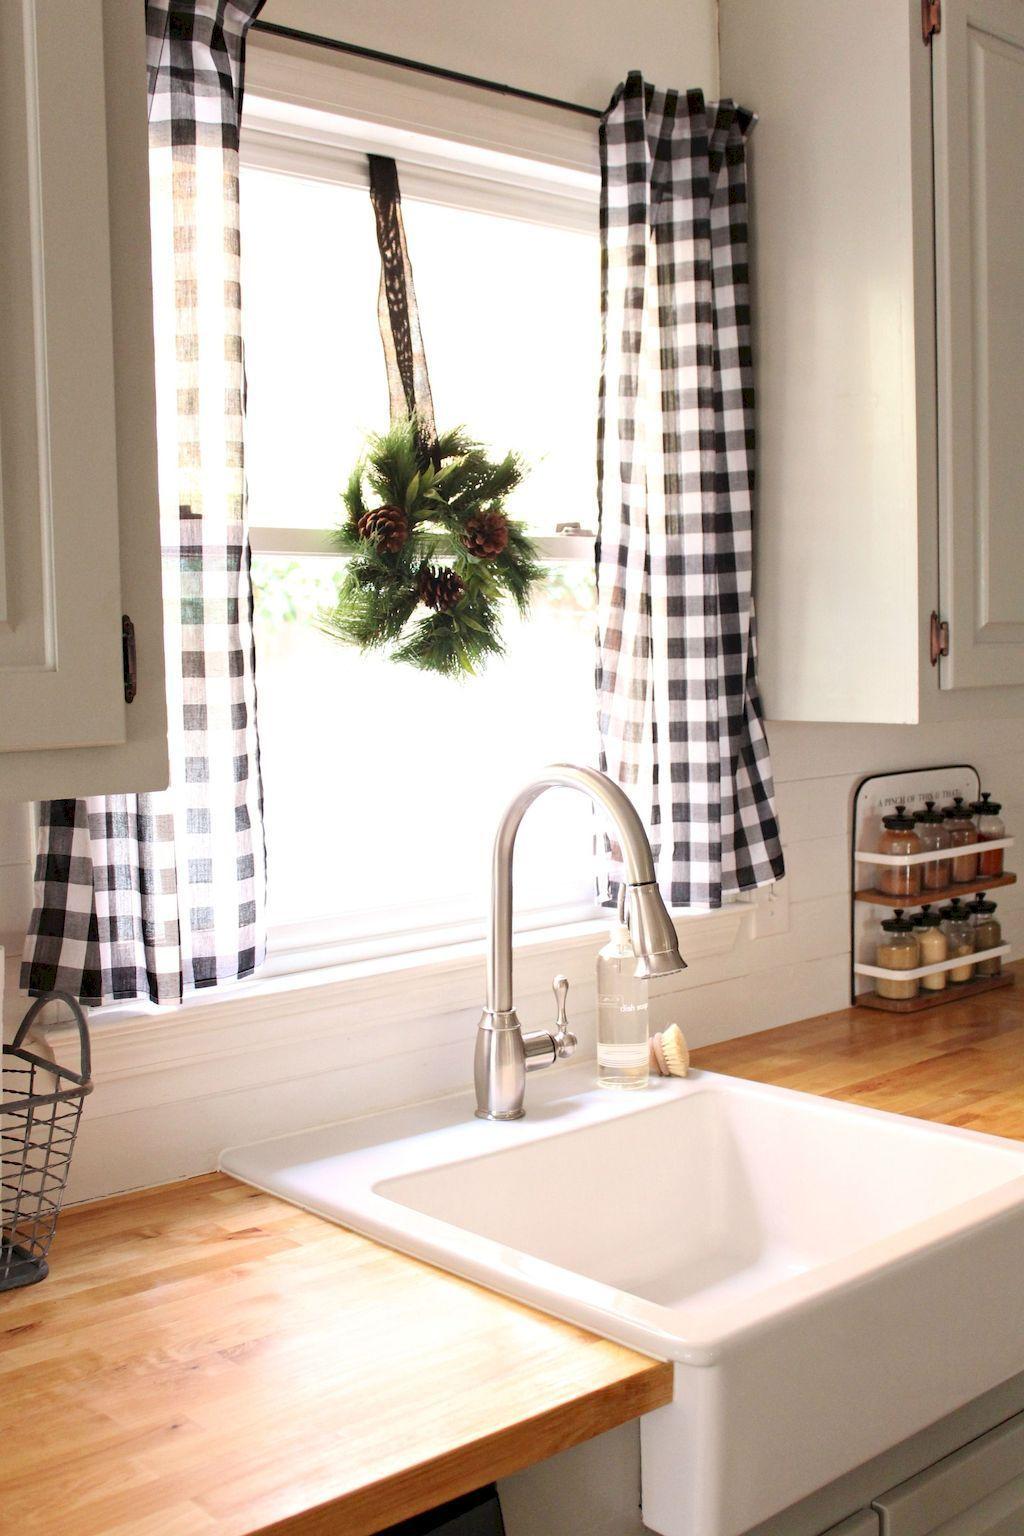 70 pretty farmhouse kitchen curtains decor ideas 37 farmhouse kitchen curtains kitchen on farmhouse kitchen curtains id=90677